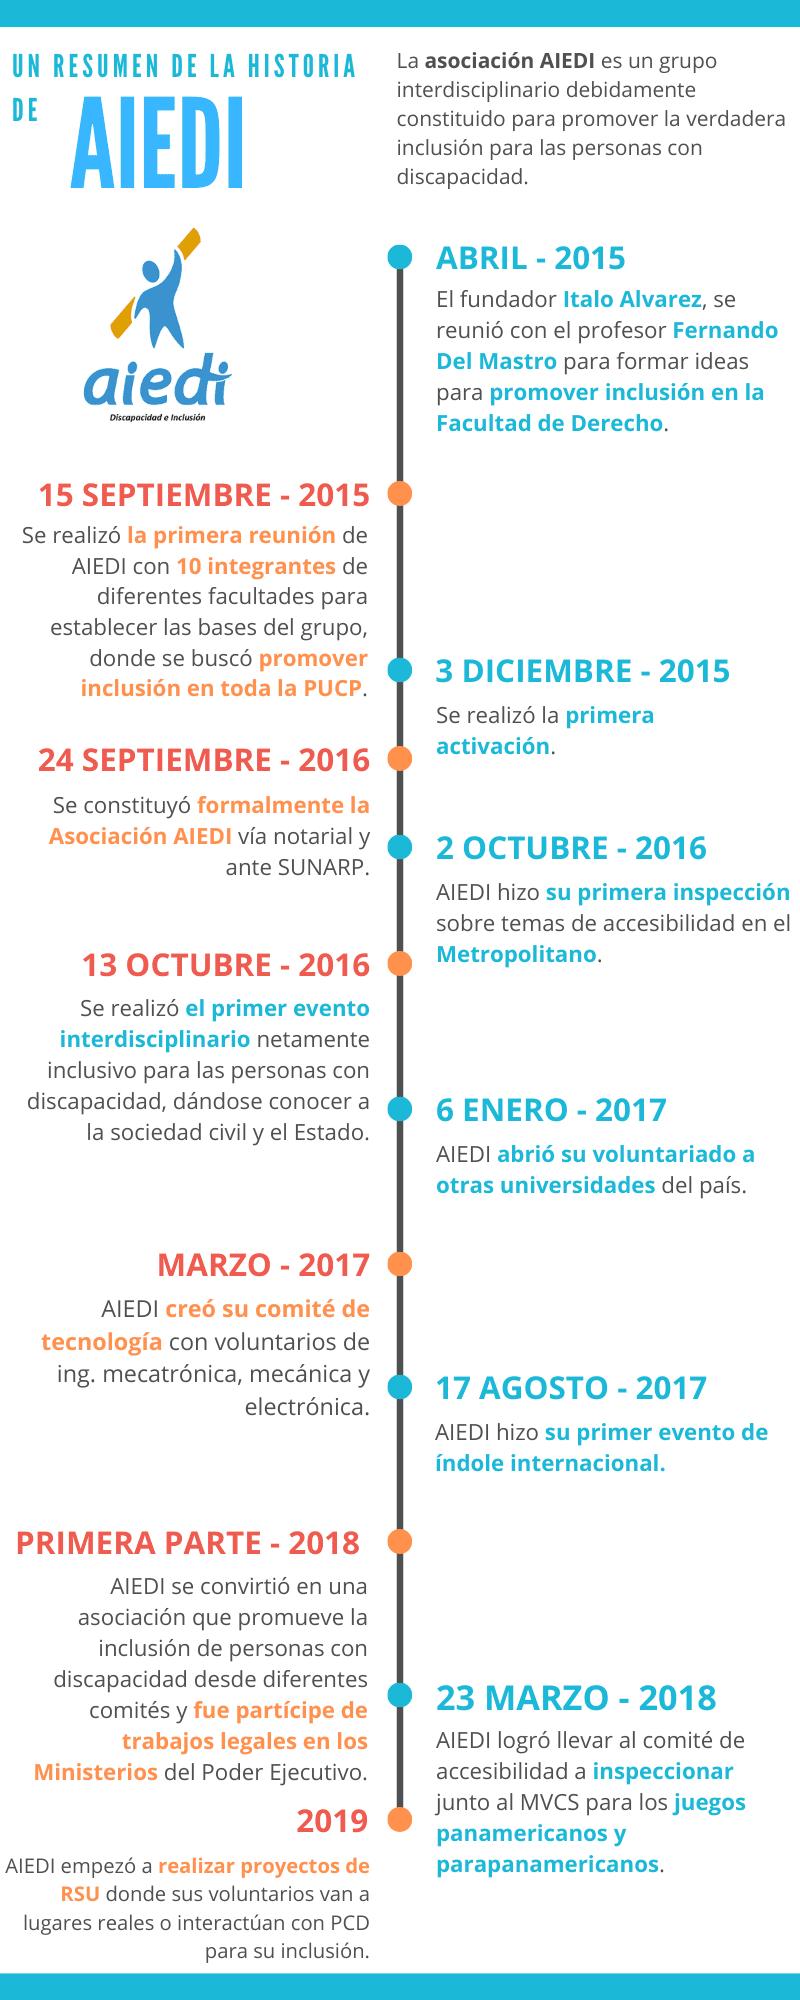 Cronología de AIEDI